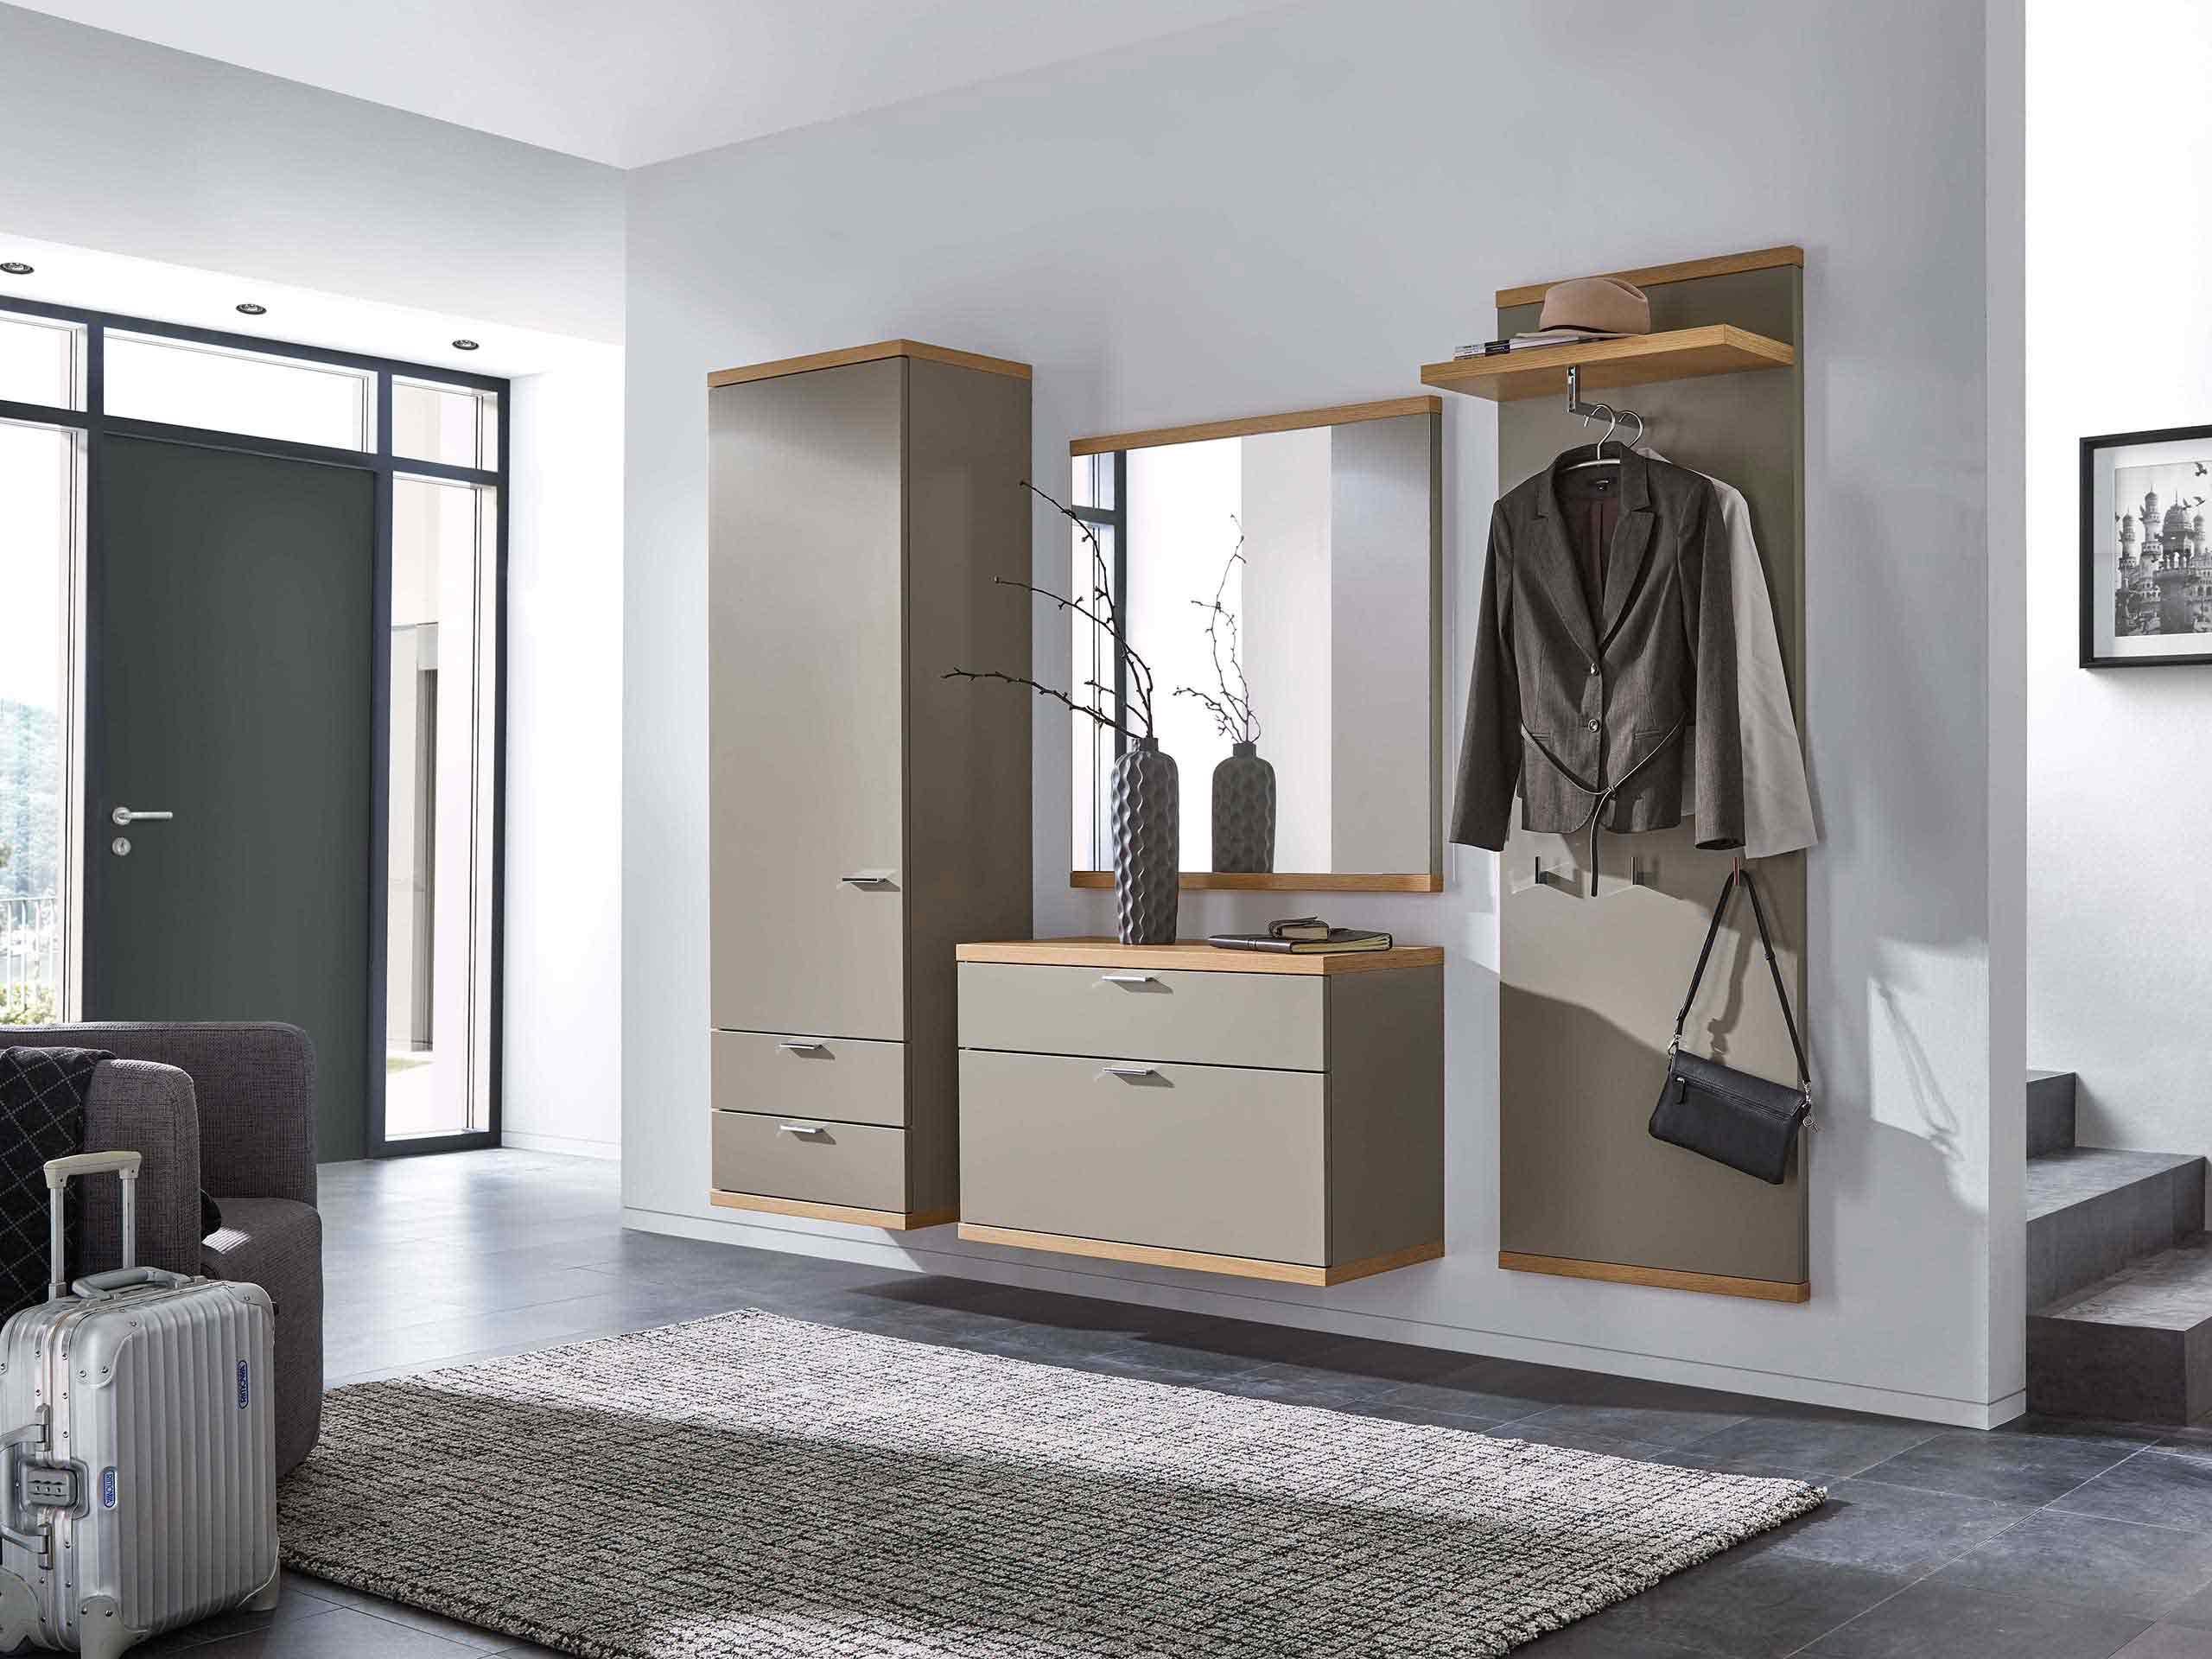 Garderobe Rmw